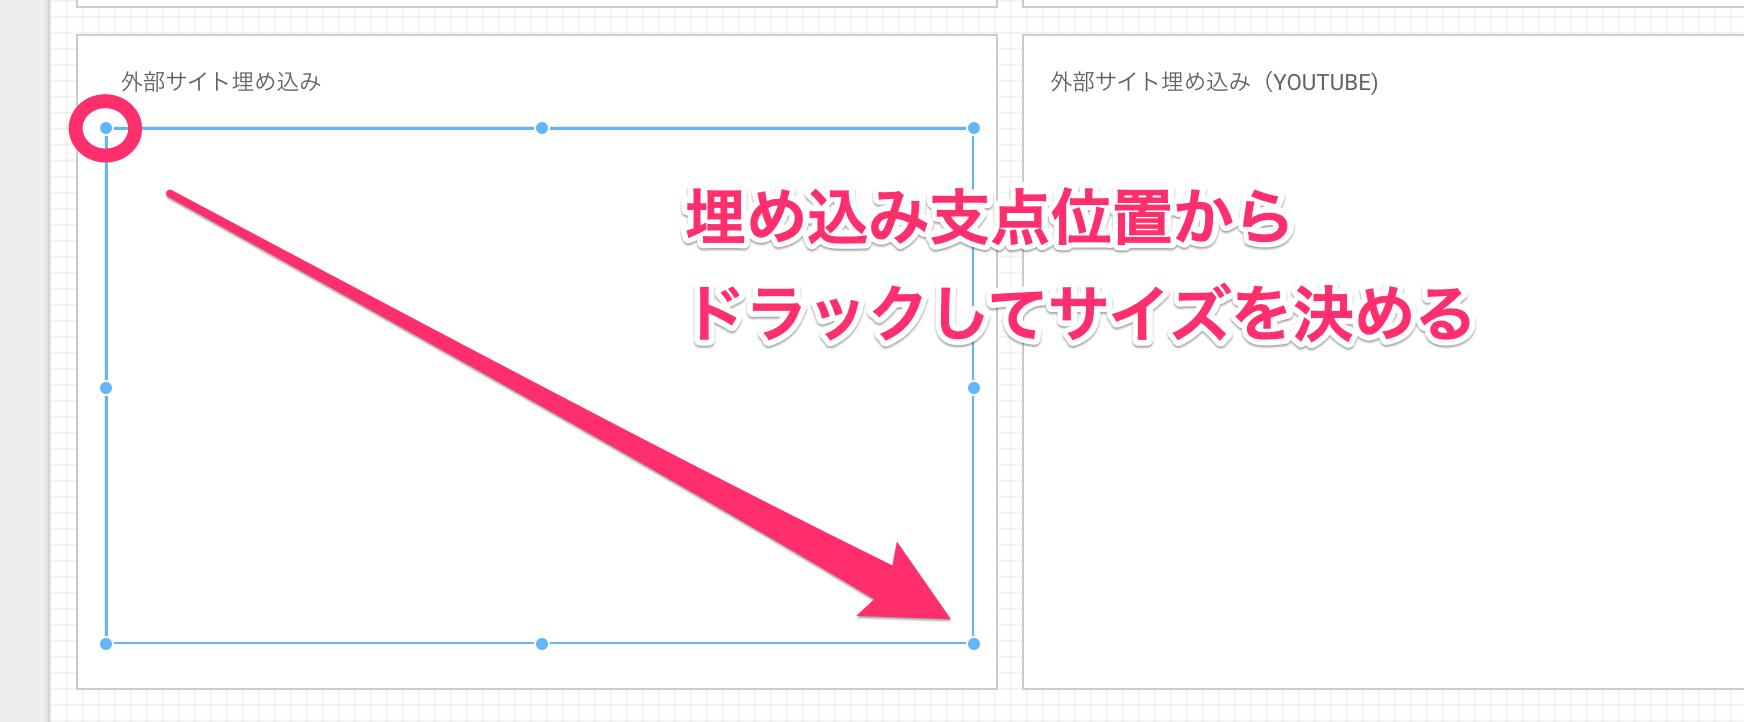 【Googleデータポータル】画像やテキスト、Webページを埋め込む方法。プレゼンに便利な機能を使う